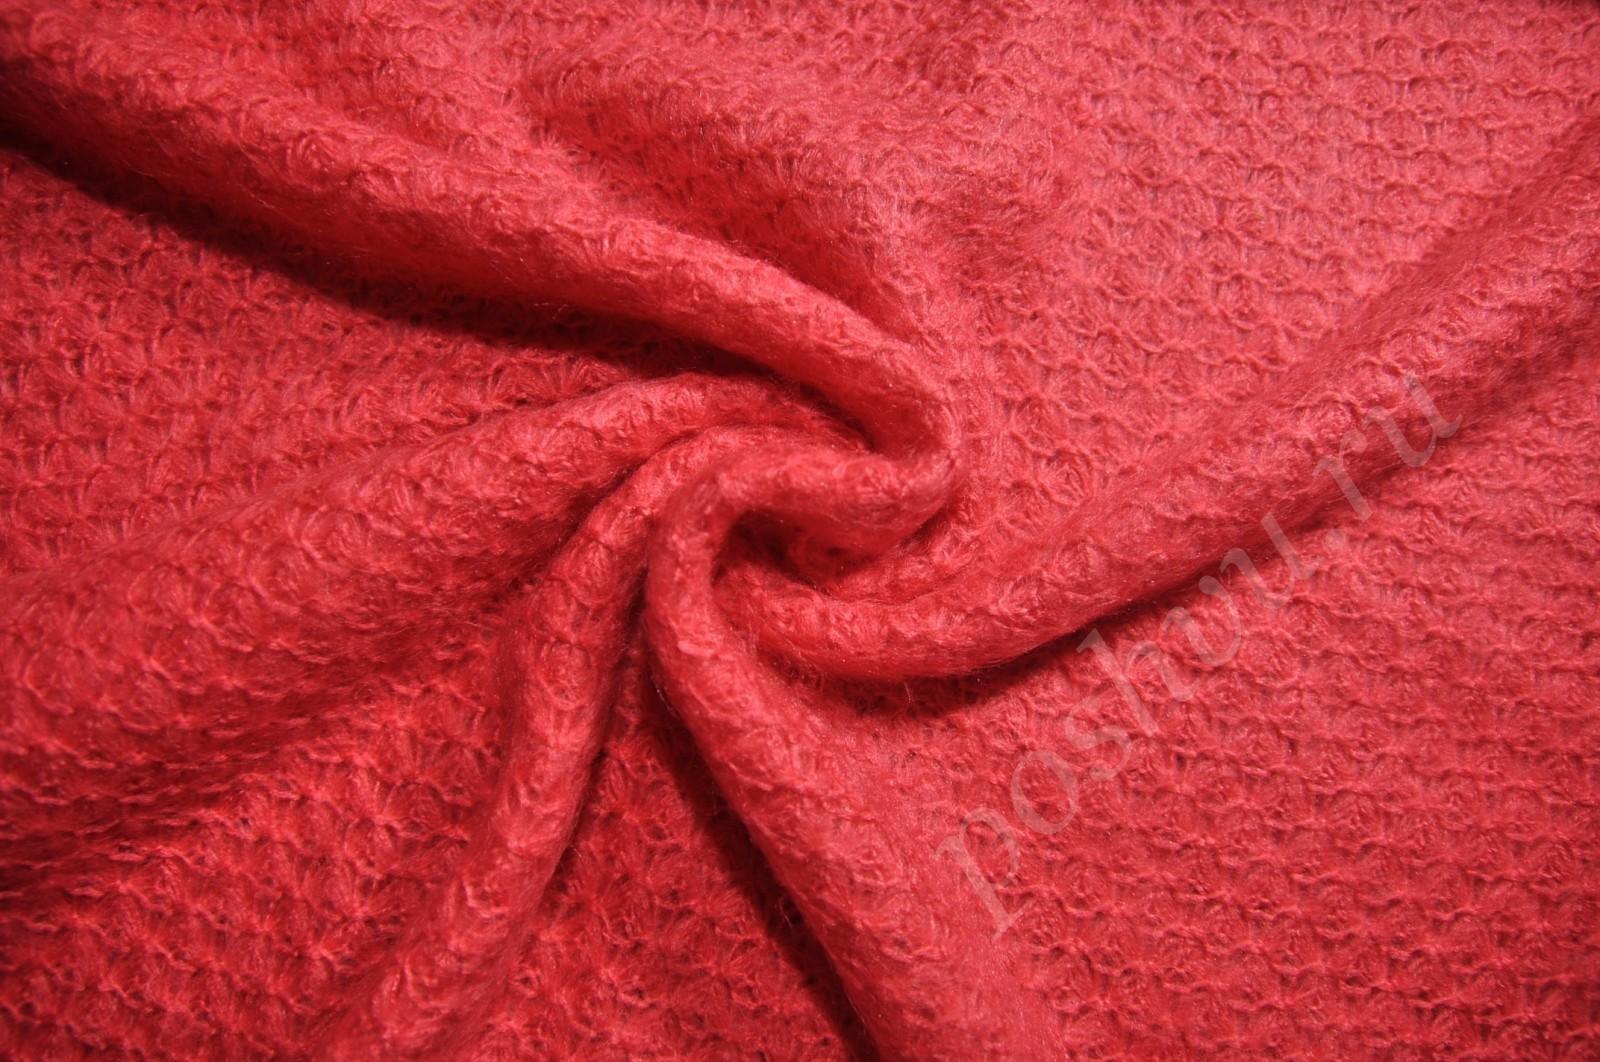 вязаное полотно паутинка красного цвета купить недорого красивая